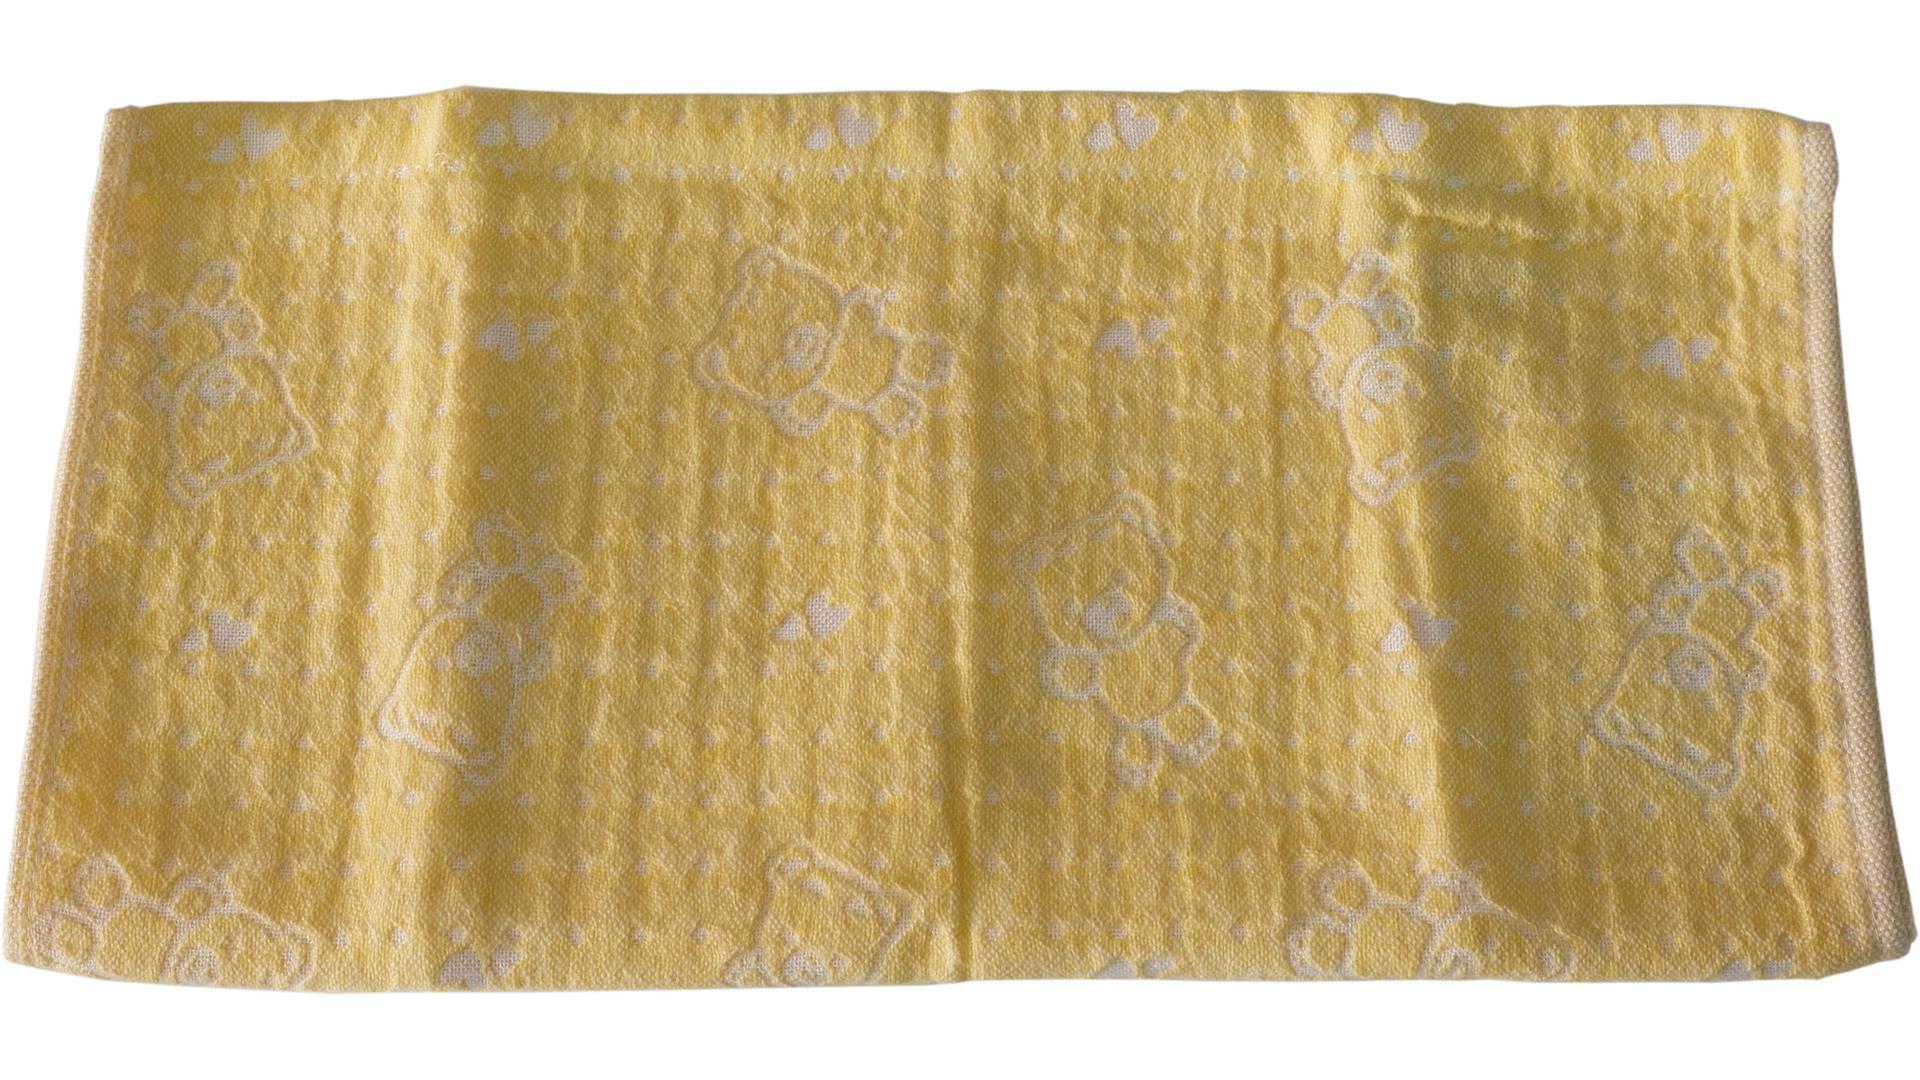 ผ้าเช็ดตัวเด็ก 34x76 ซม. สีเหลือง